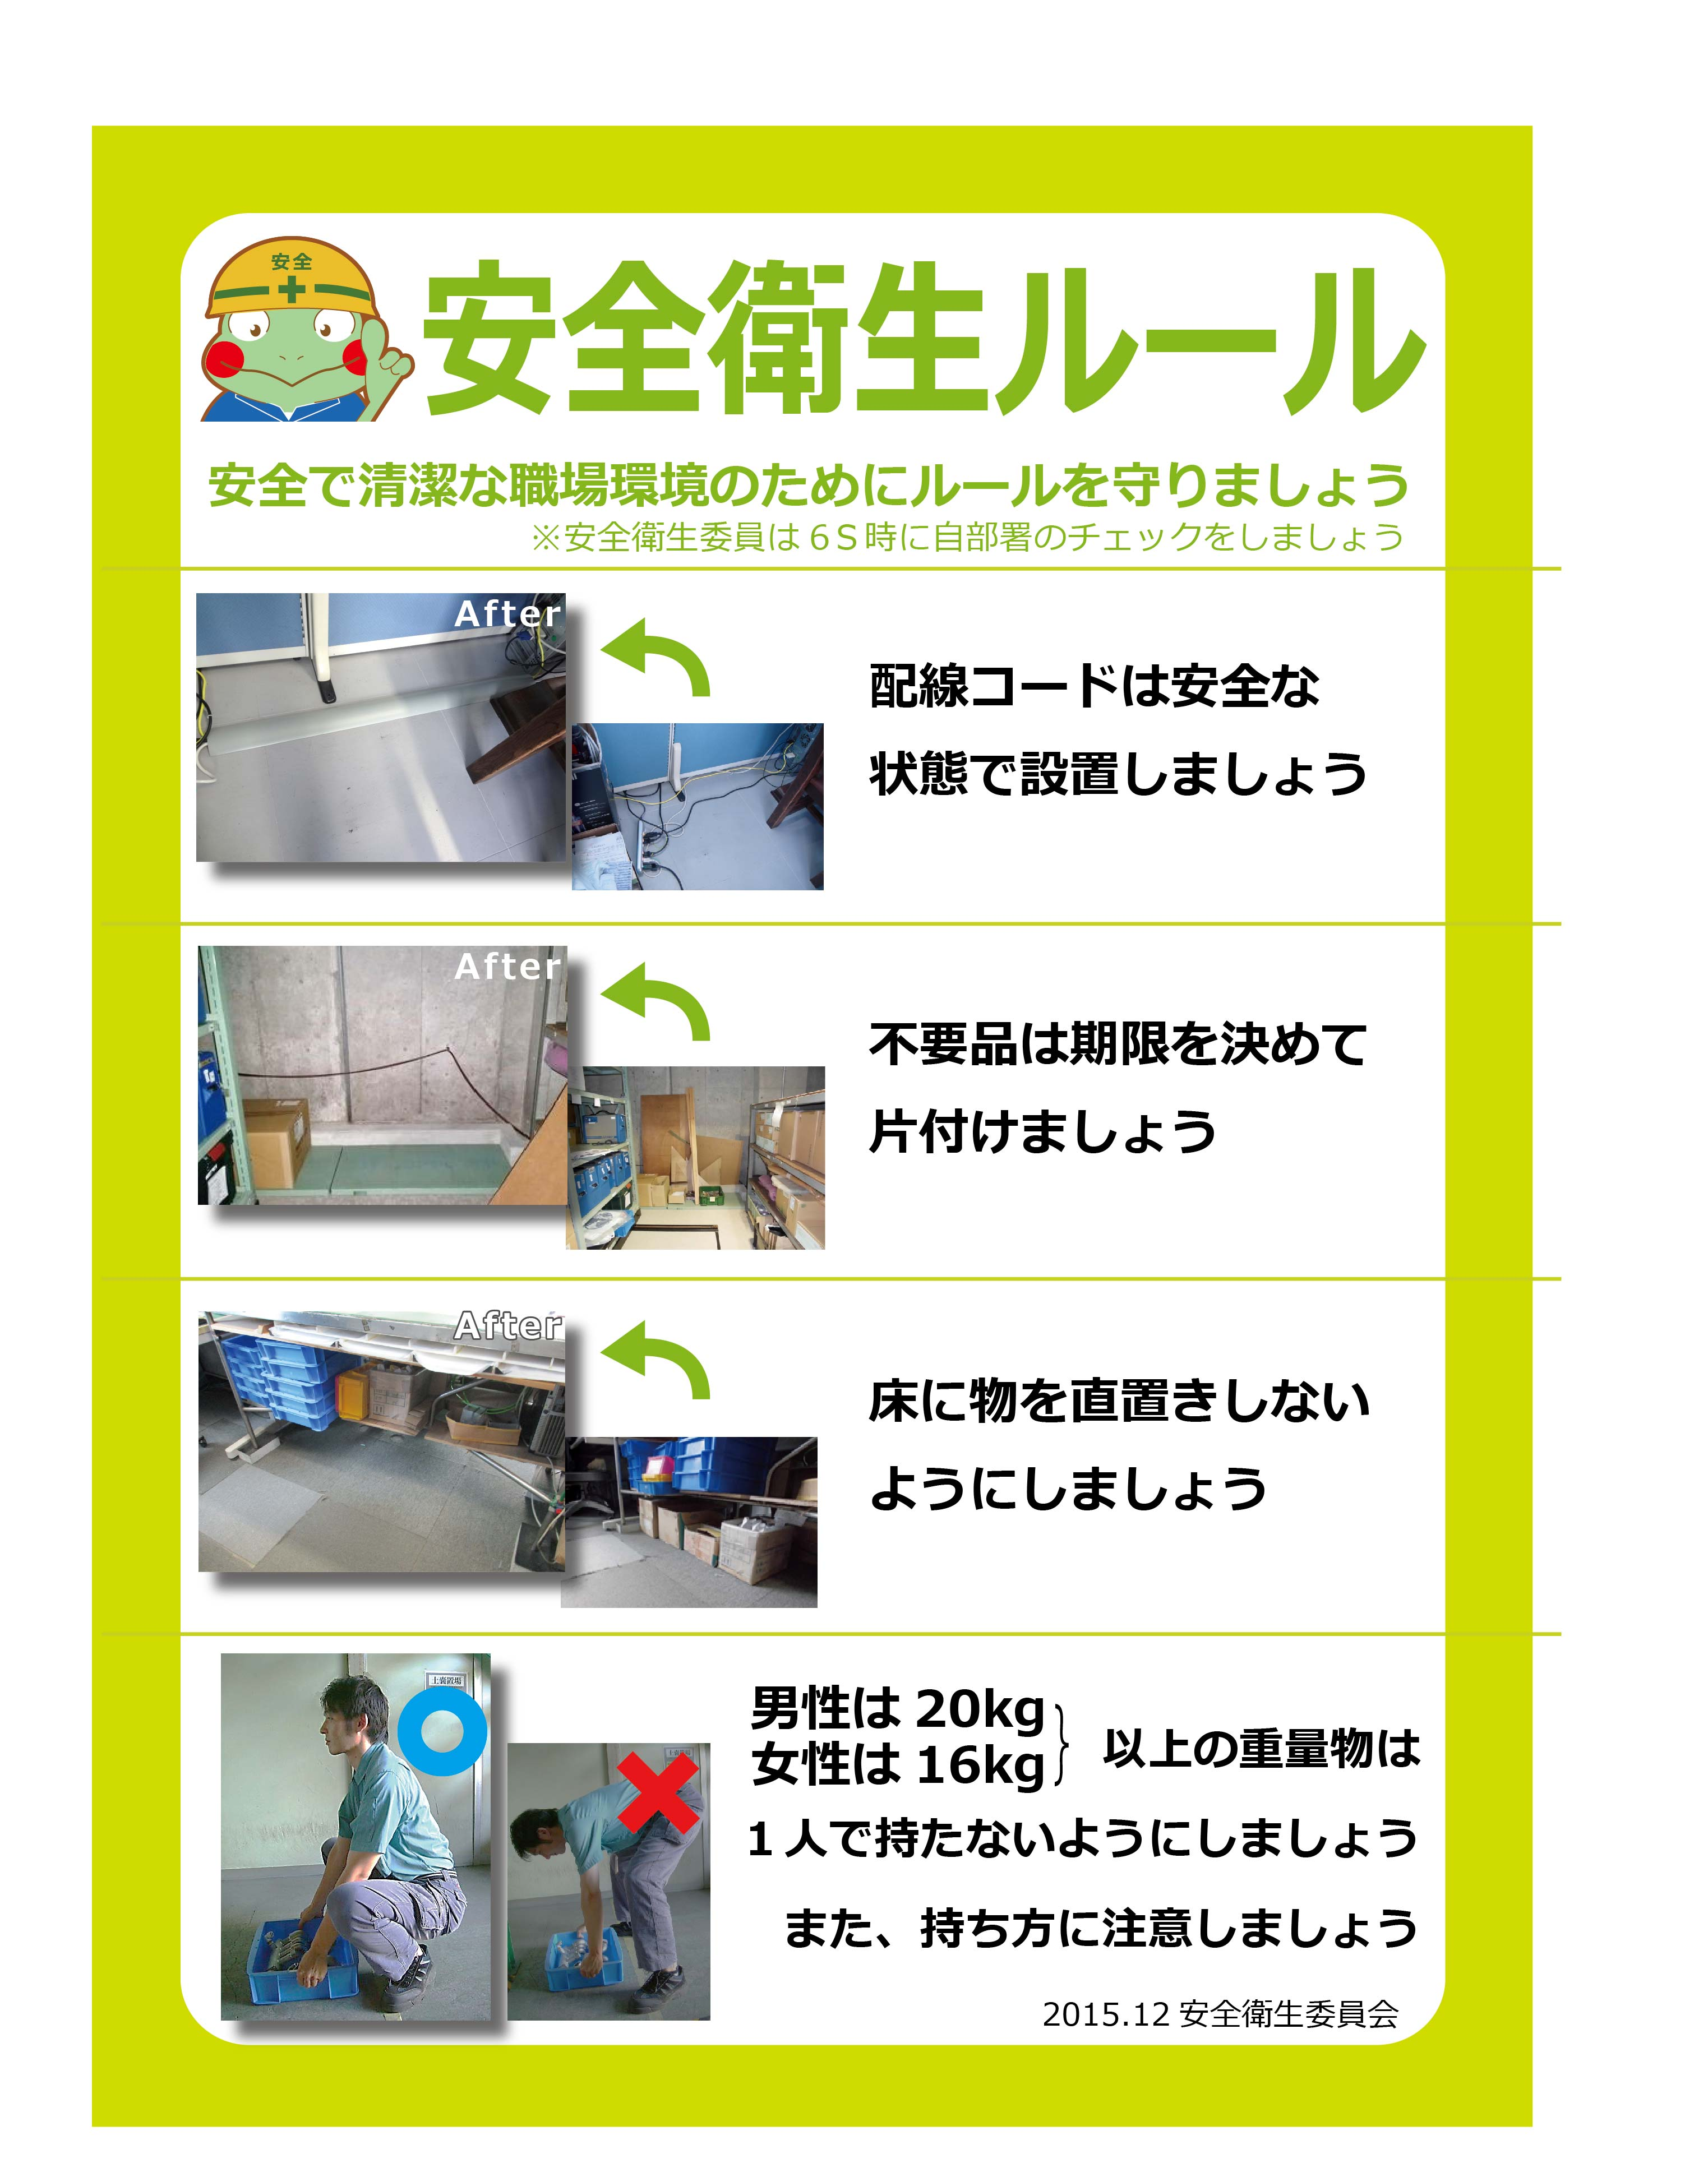 安全衛生ルール ポスター